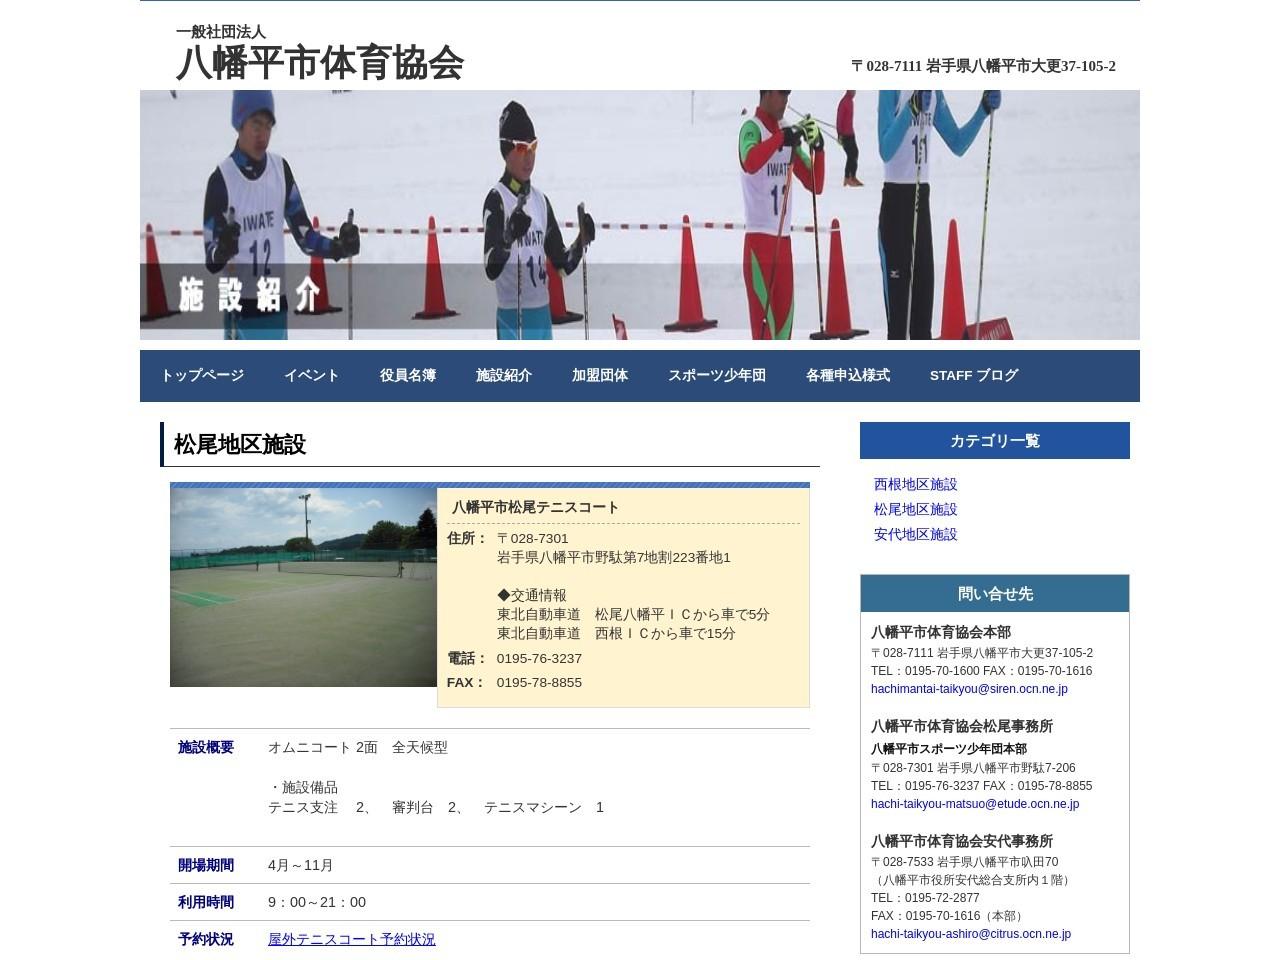 八幡平市松尾テニスコート